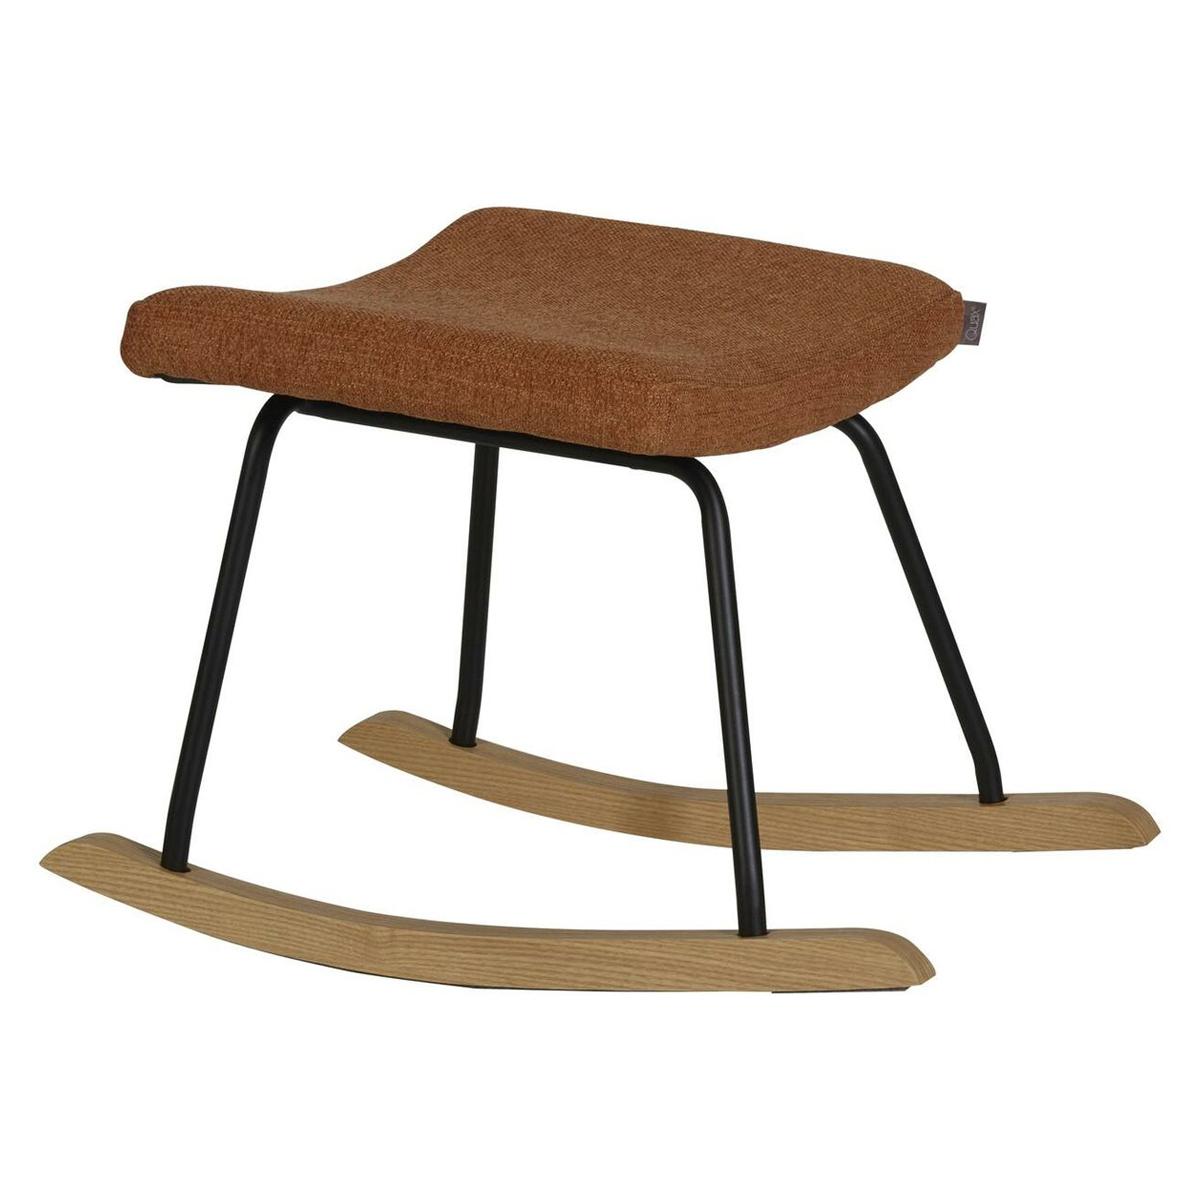 Table & Chaise Tabouret Hocker For Rocker De Luxe - Terra Tabouret Hocker For Rocker De Luxe - Terra